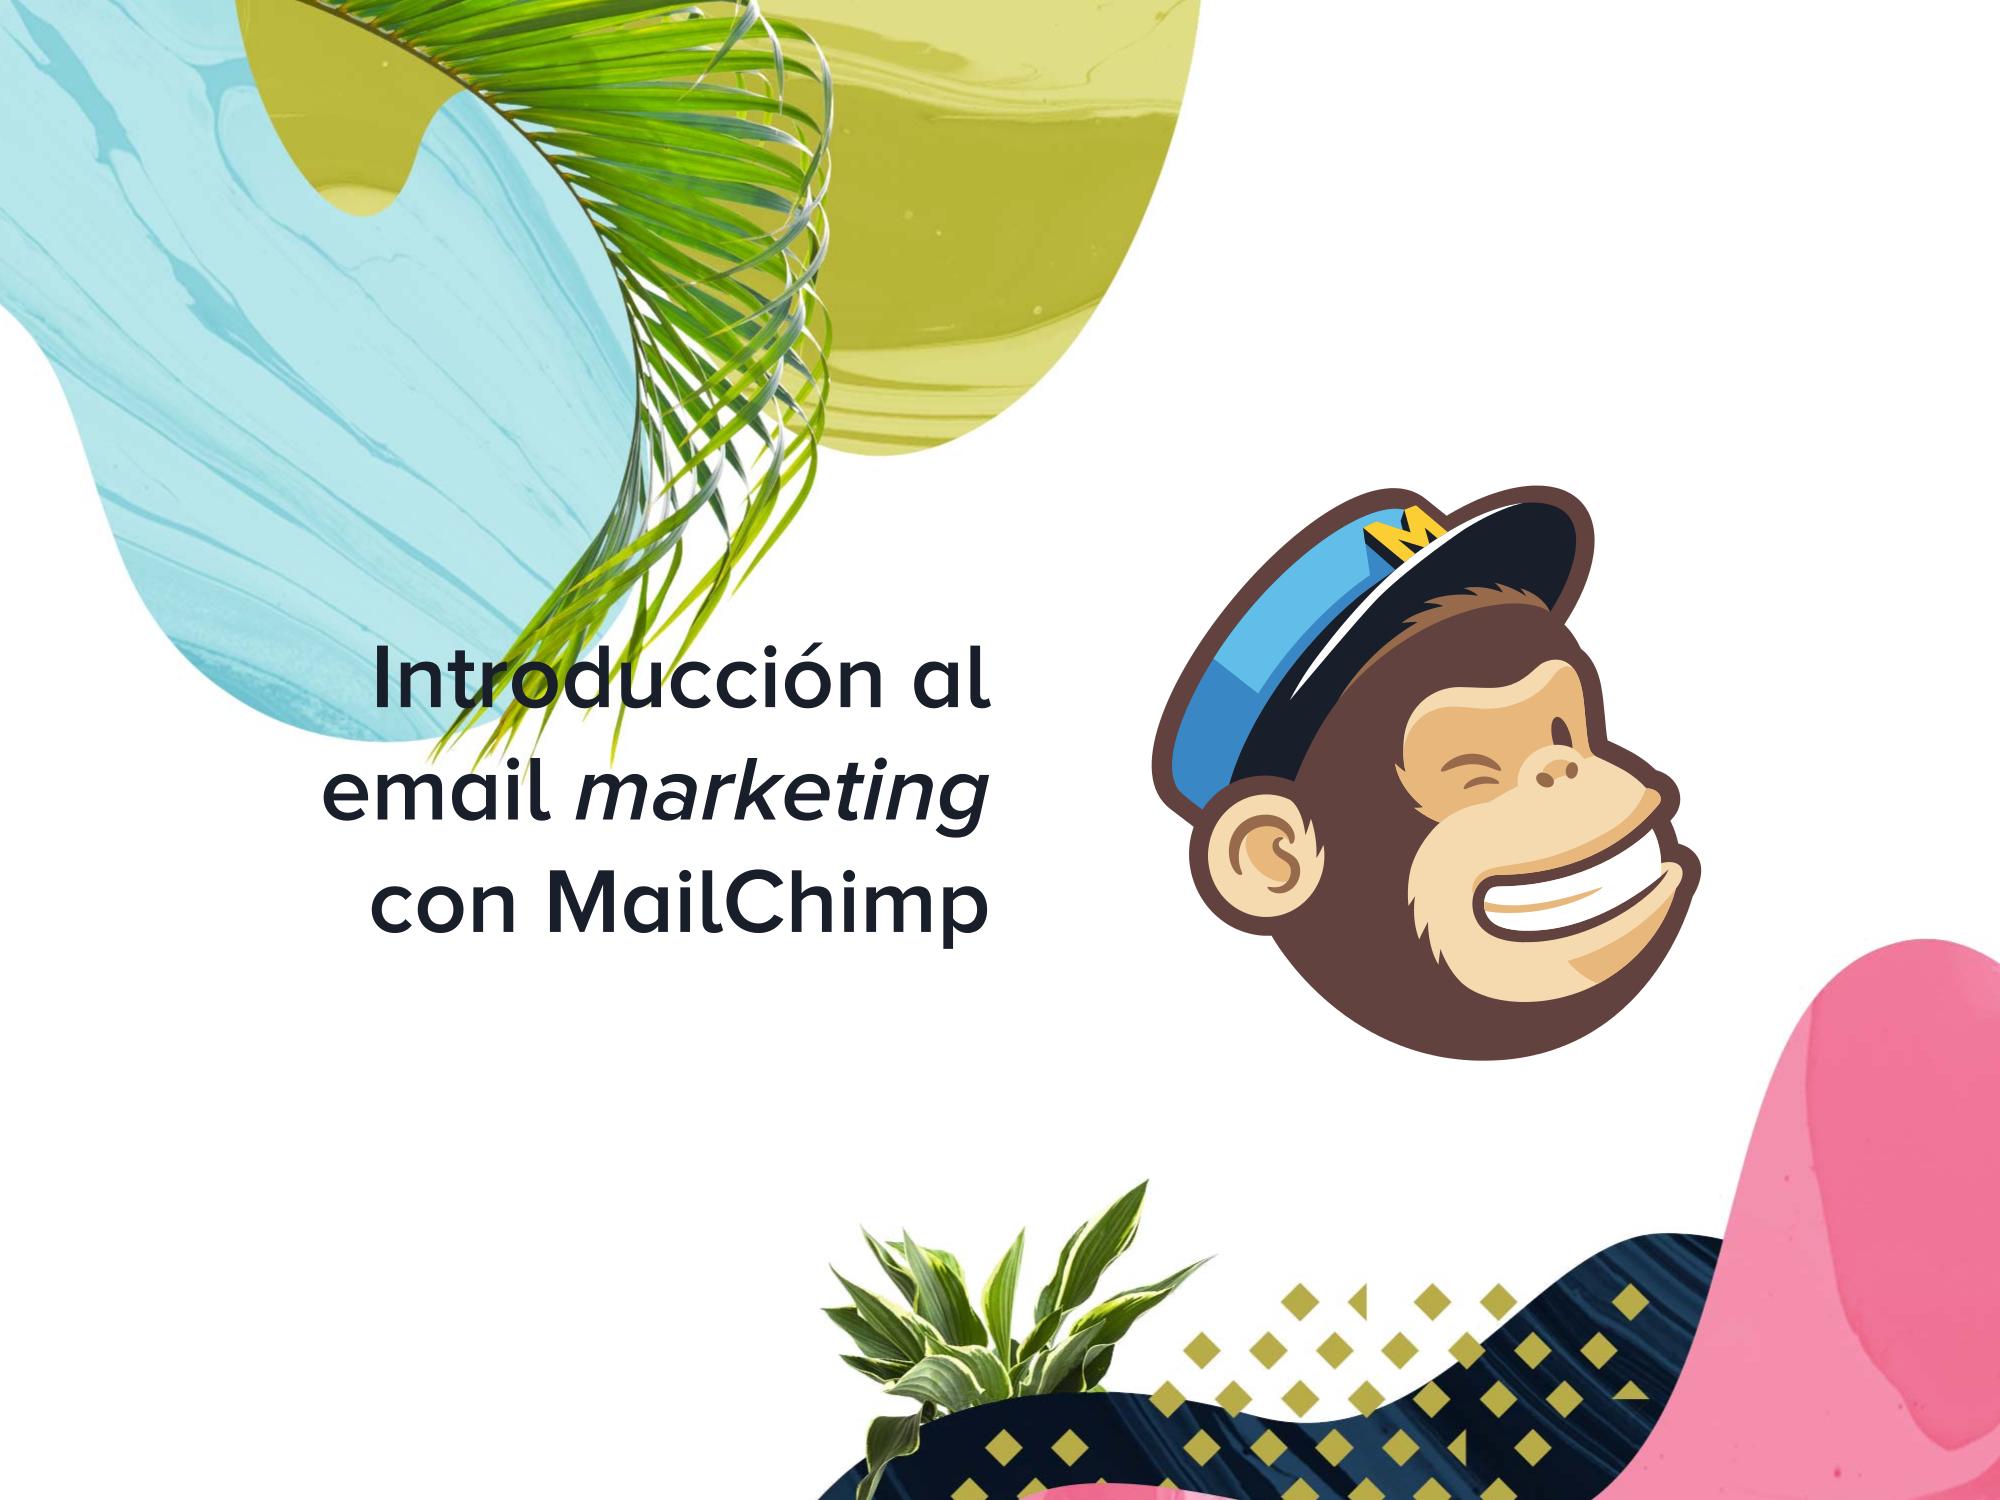 Introducción al email marketing con MailChimp